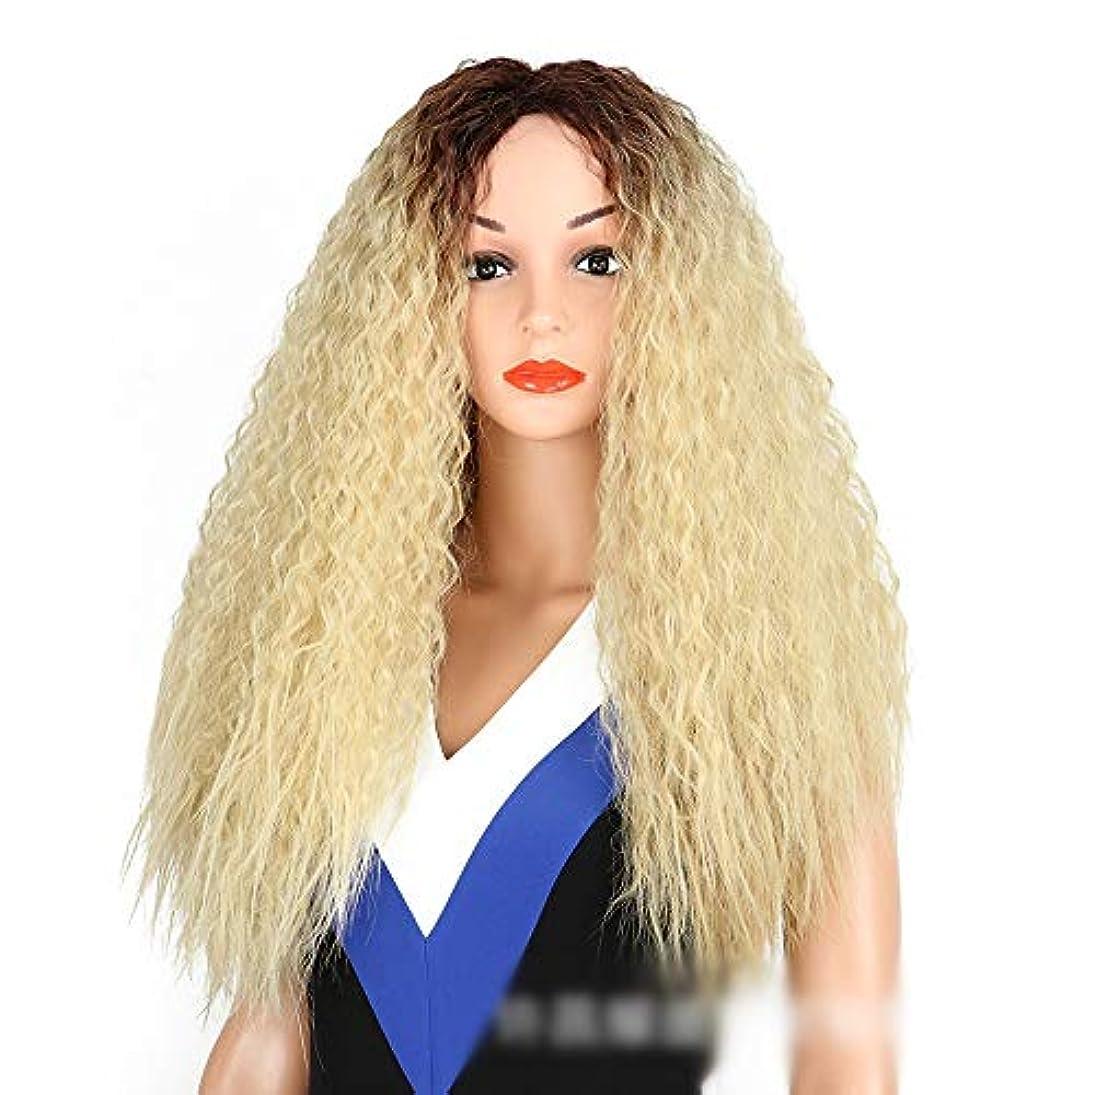 通りボイラーデータWASAIO 女性用ブロンドダークルーツコーンホットヘア爆発ヘッドロングカーリーウィッグアクセサリースタイル交換用繊維合成耐熱性 (色 : Blonde)